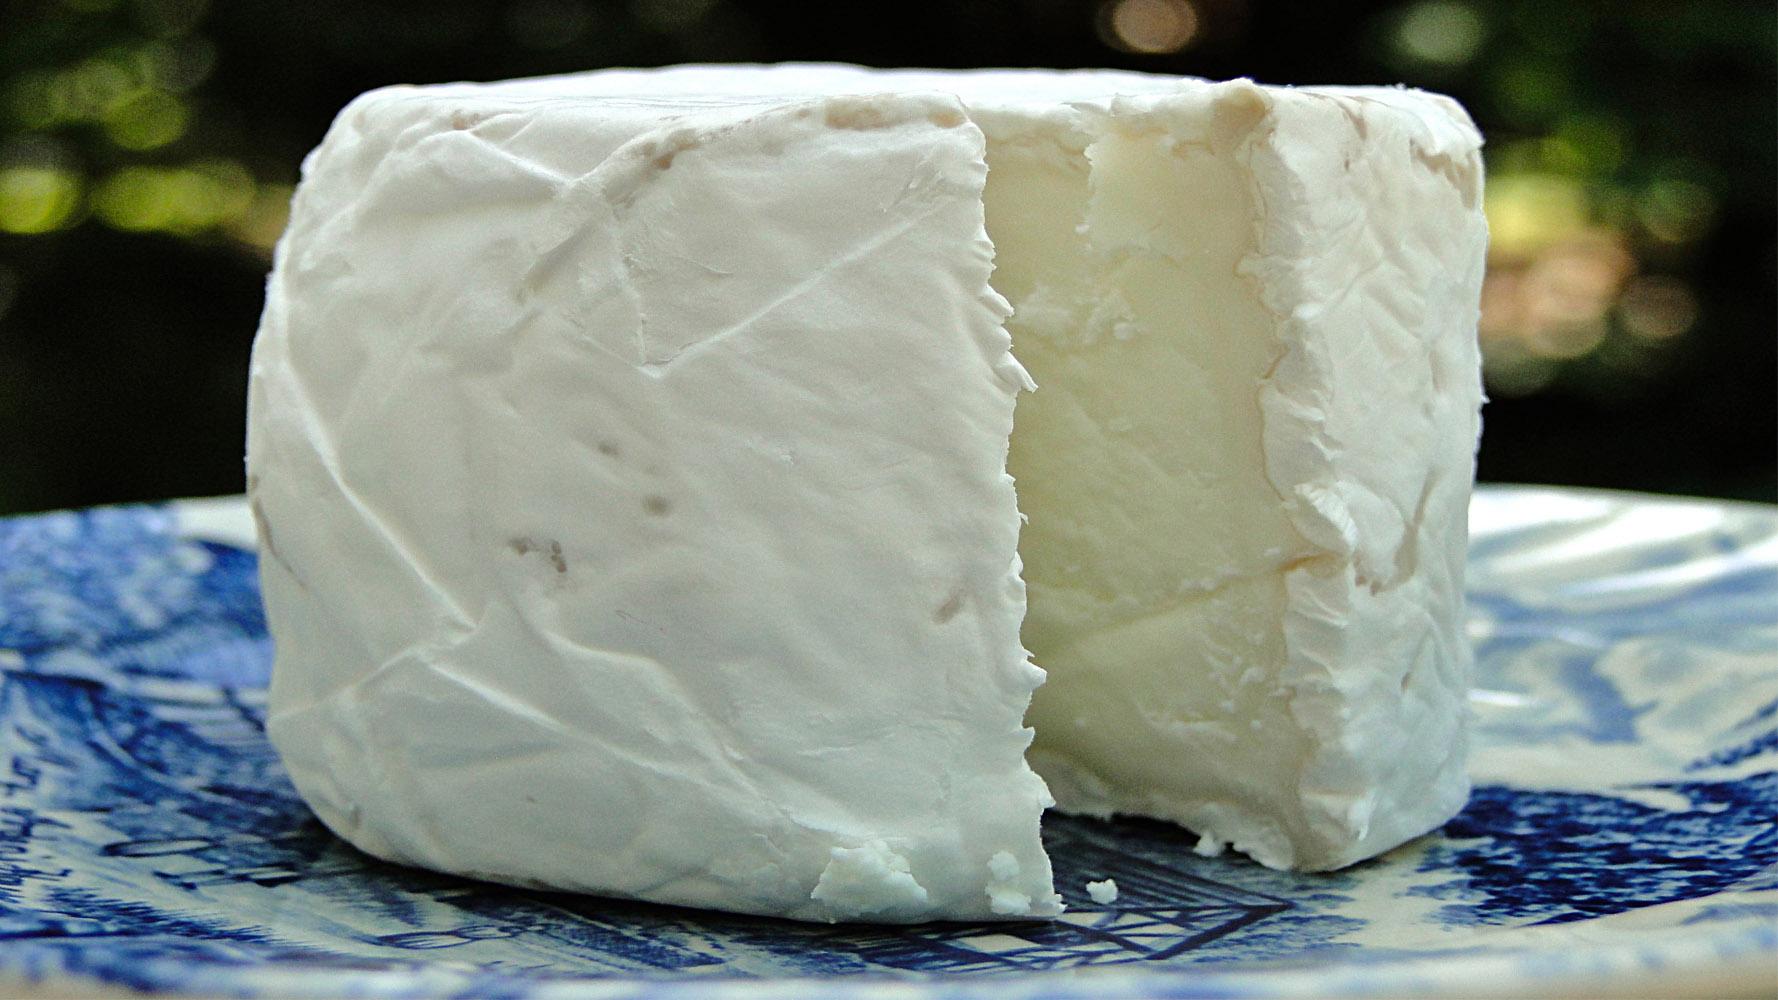 Keçi Peyniri fiyatları,Keçi Peyniri piyasası, Keçi Peyniri resmi